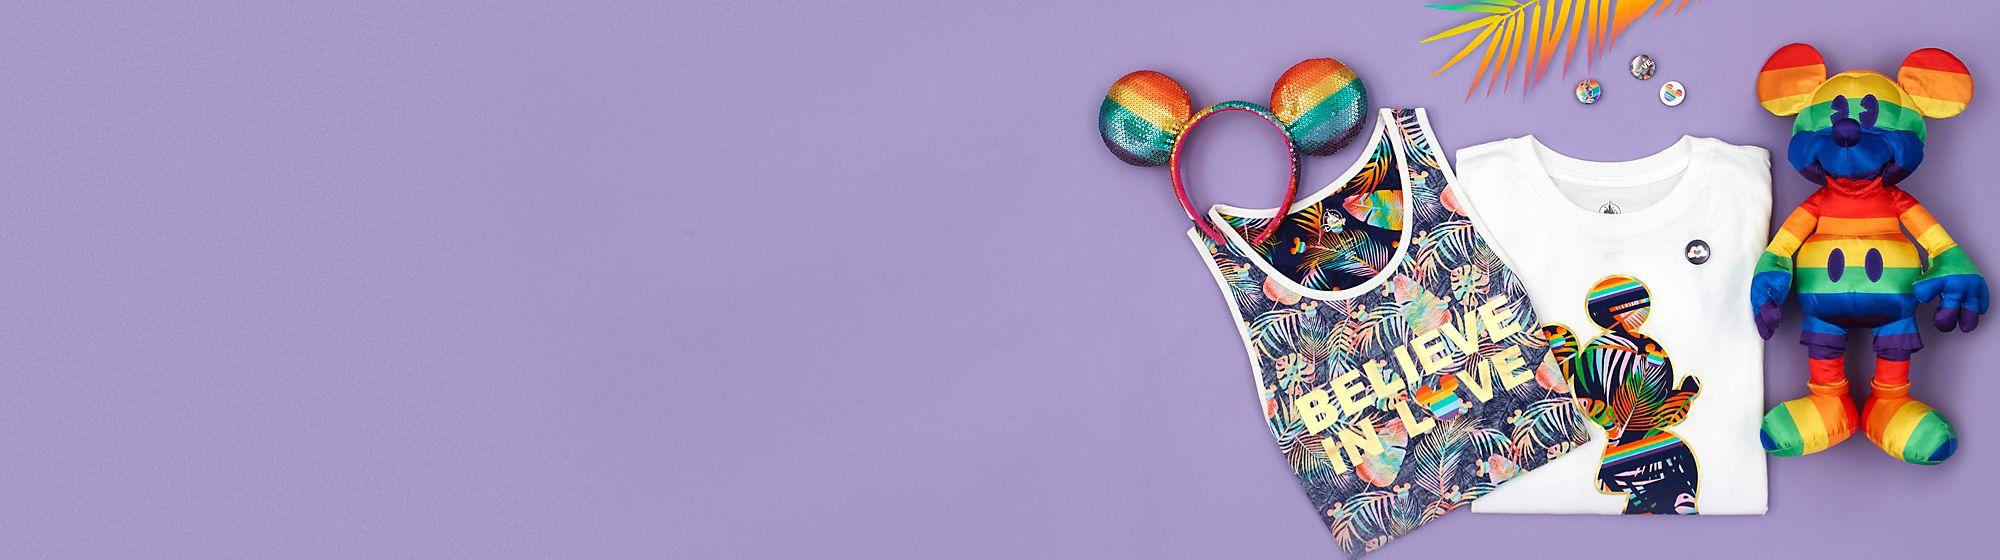 Rainbow Disney